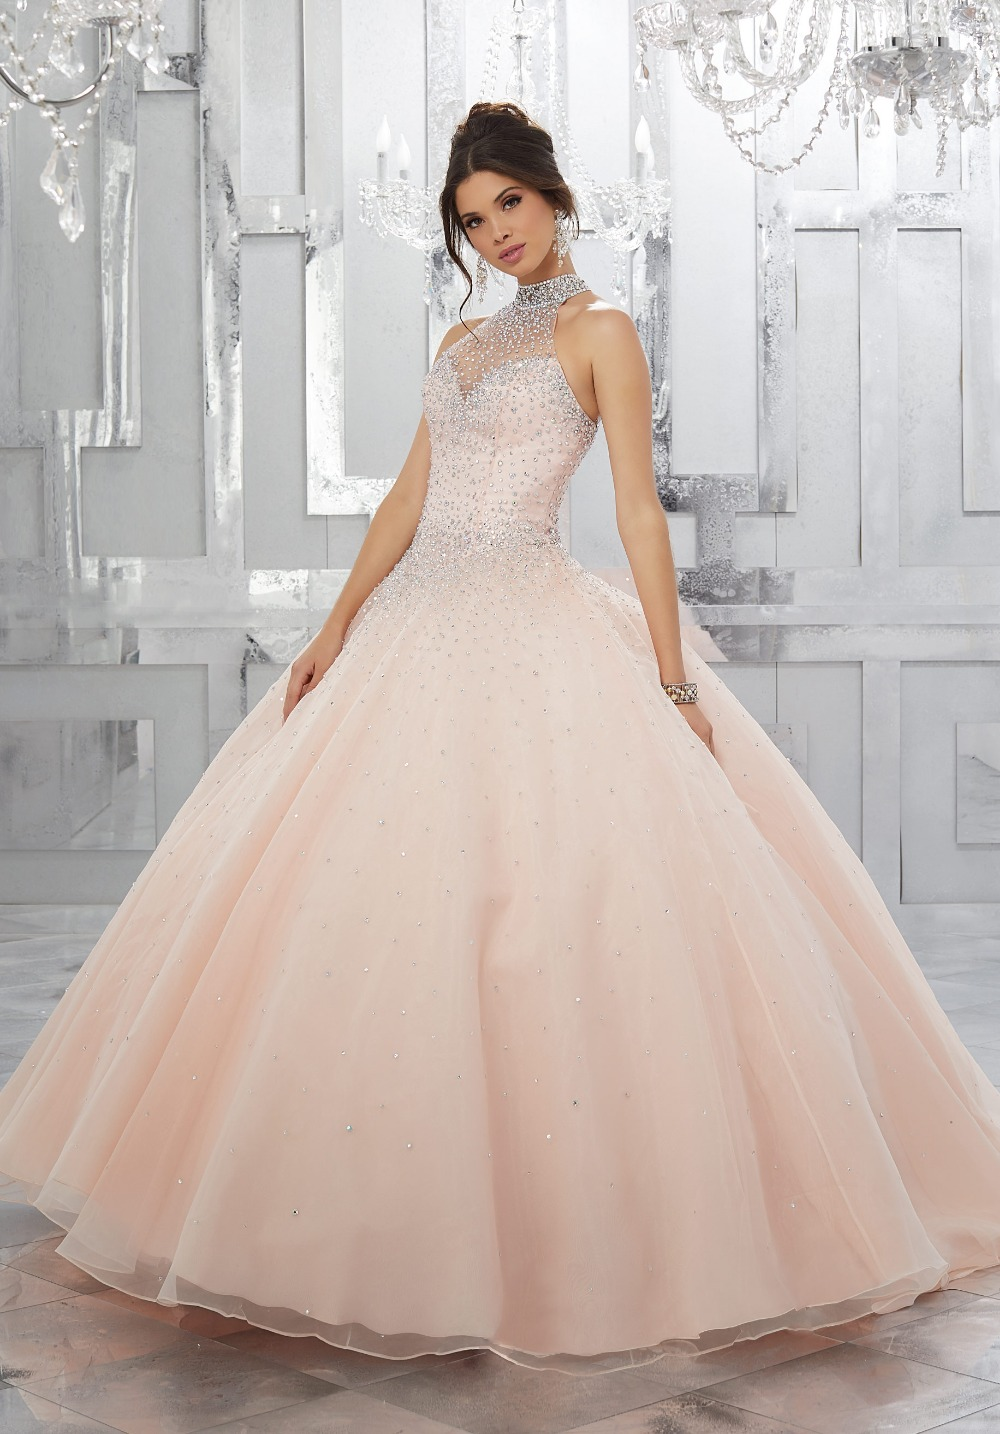 wejanedress Customized coral quinceanera dress 2017 Halter pink organza ball gown dress sweet 16 vestidos de 15